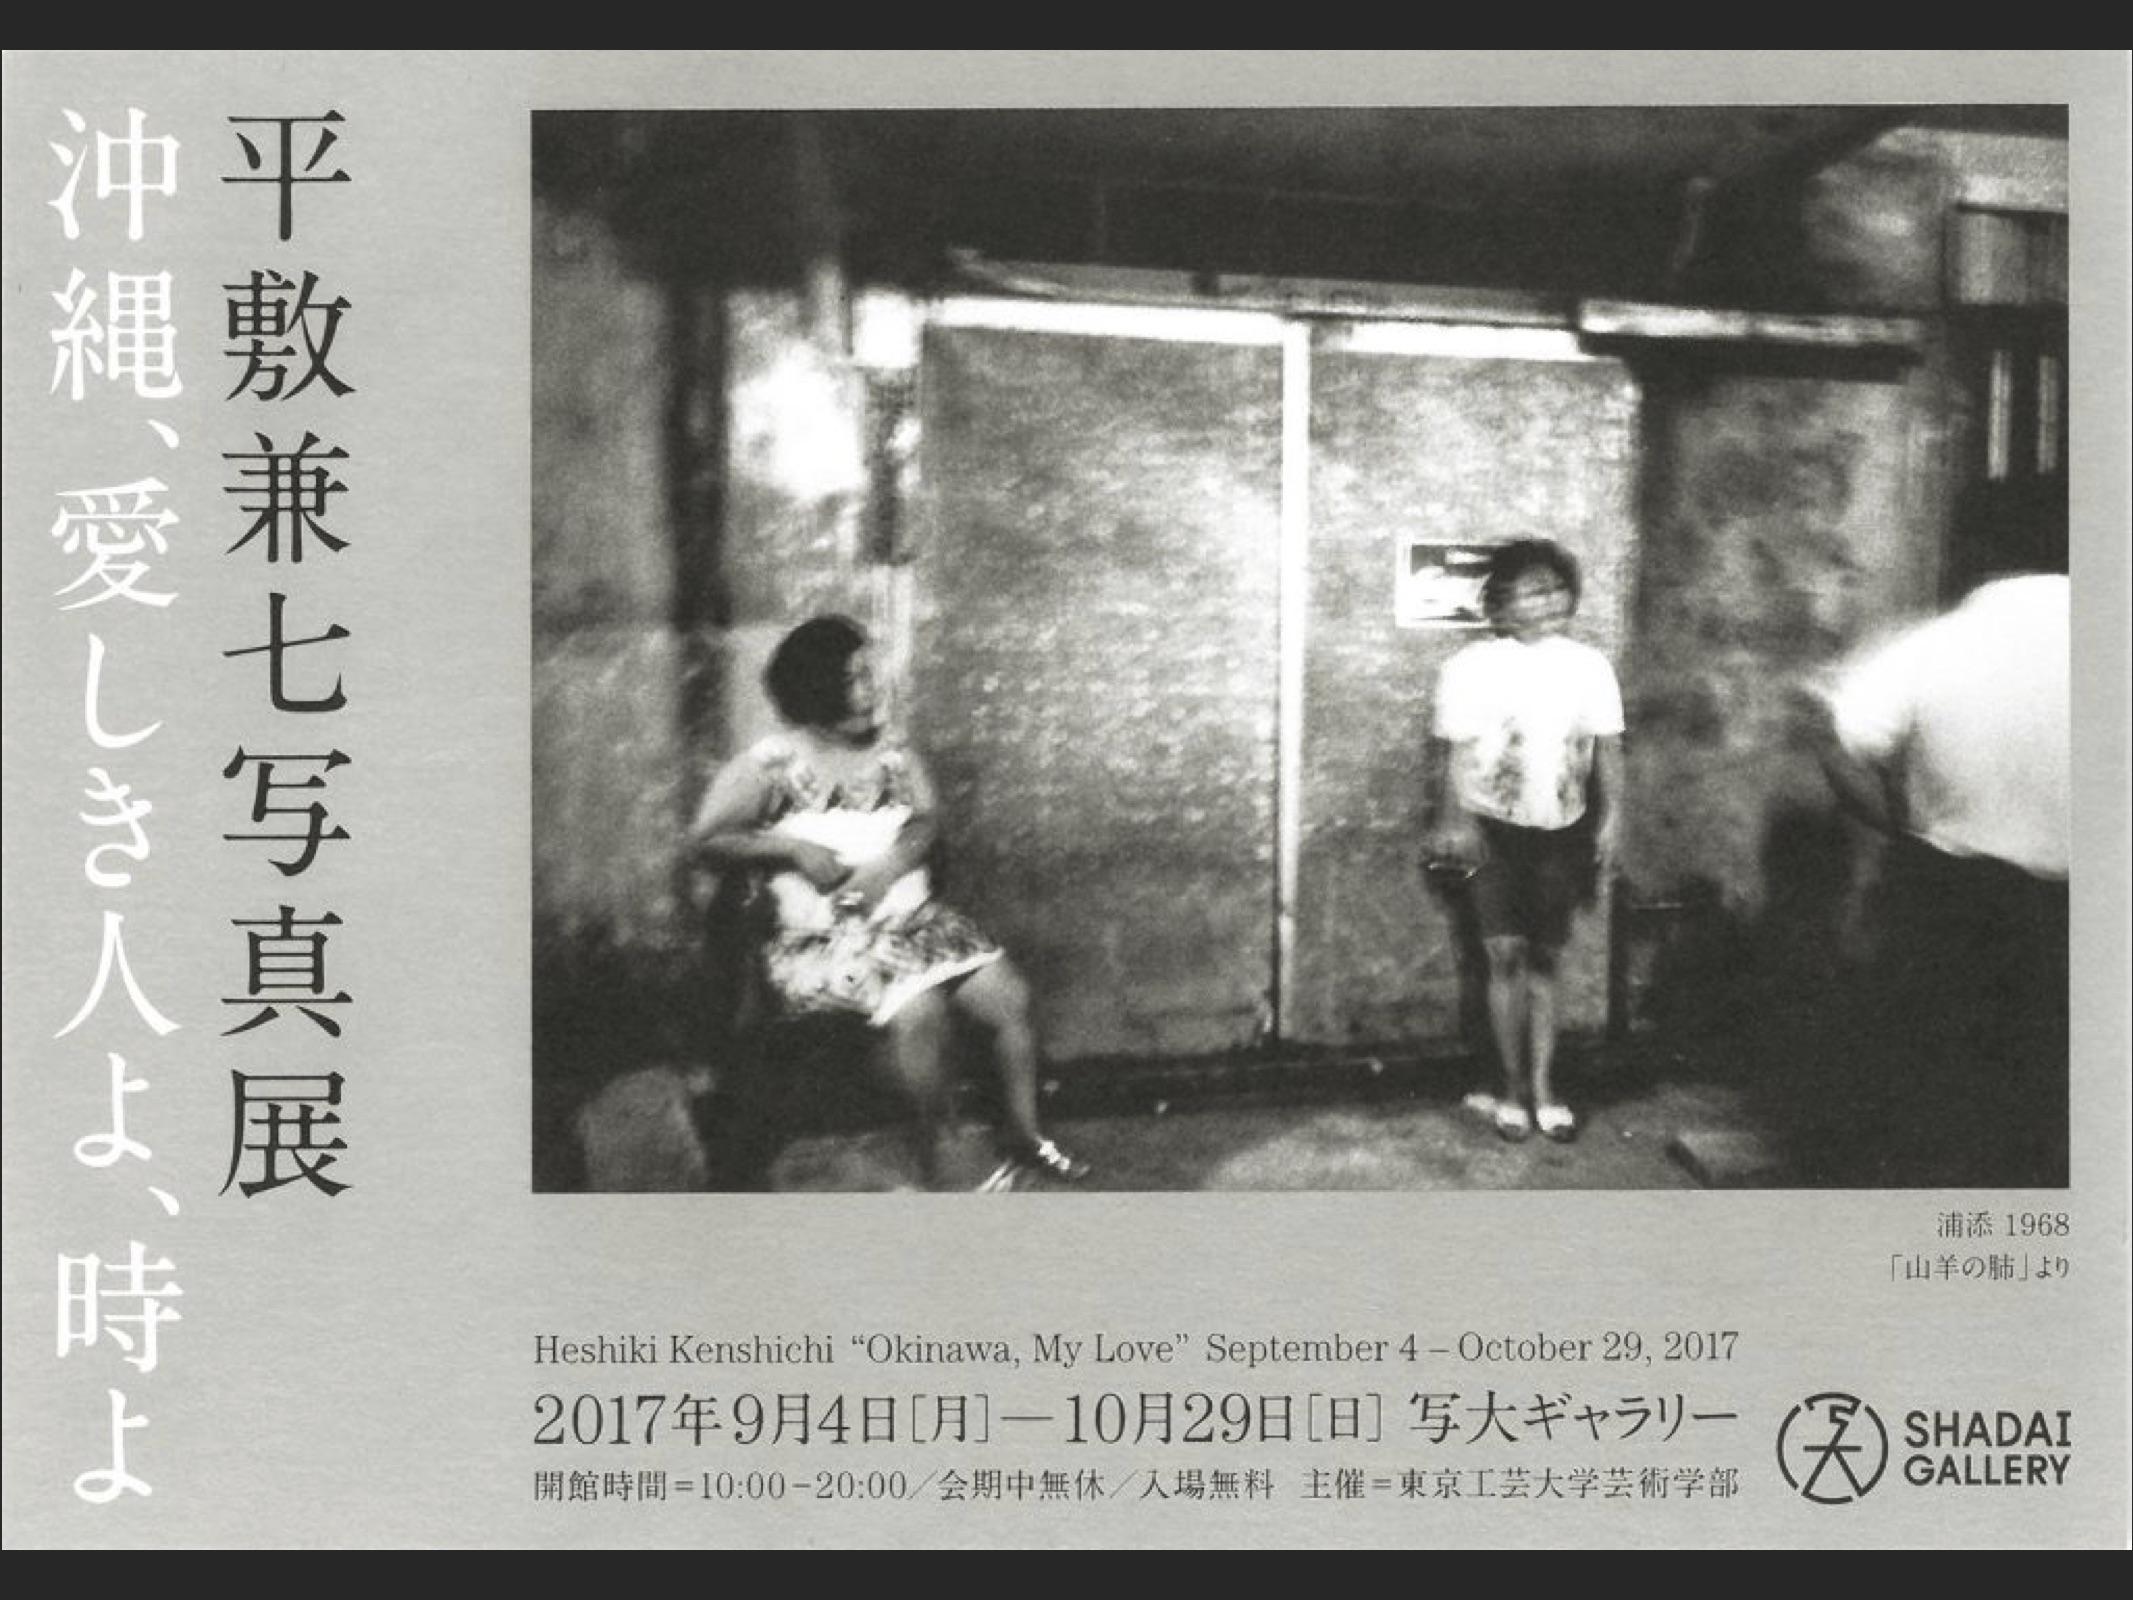 平敷兼七写真展「沖縄、愛しき人よ、時よ」